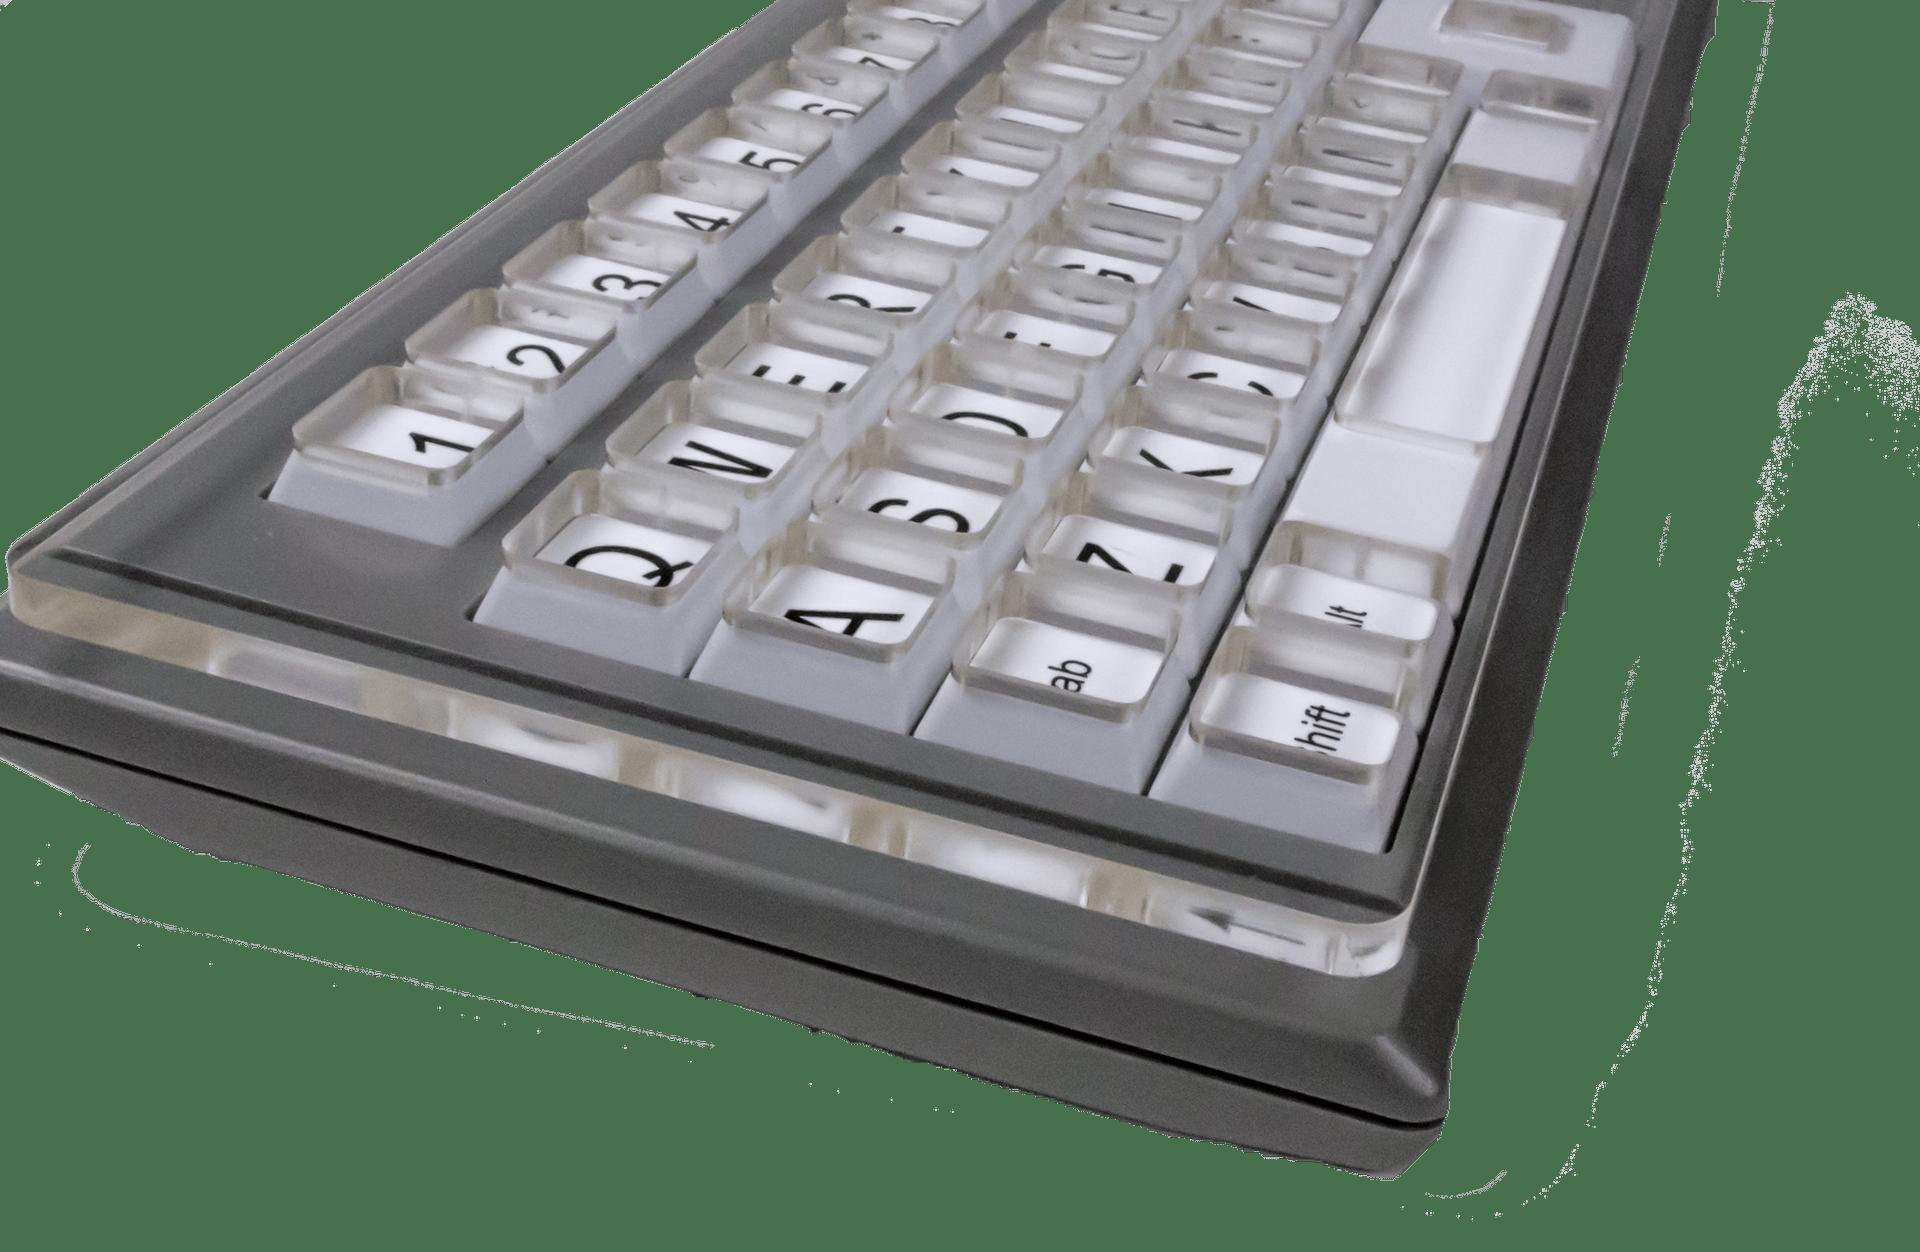 Rigid Keyguards